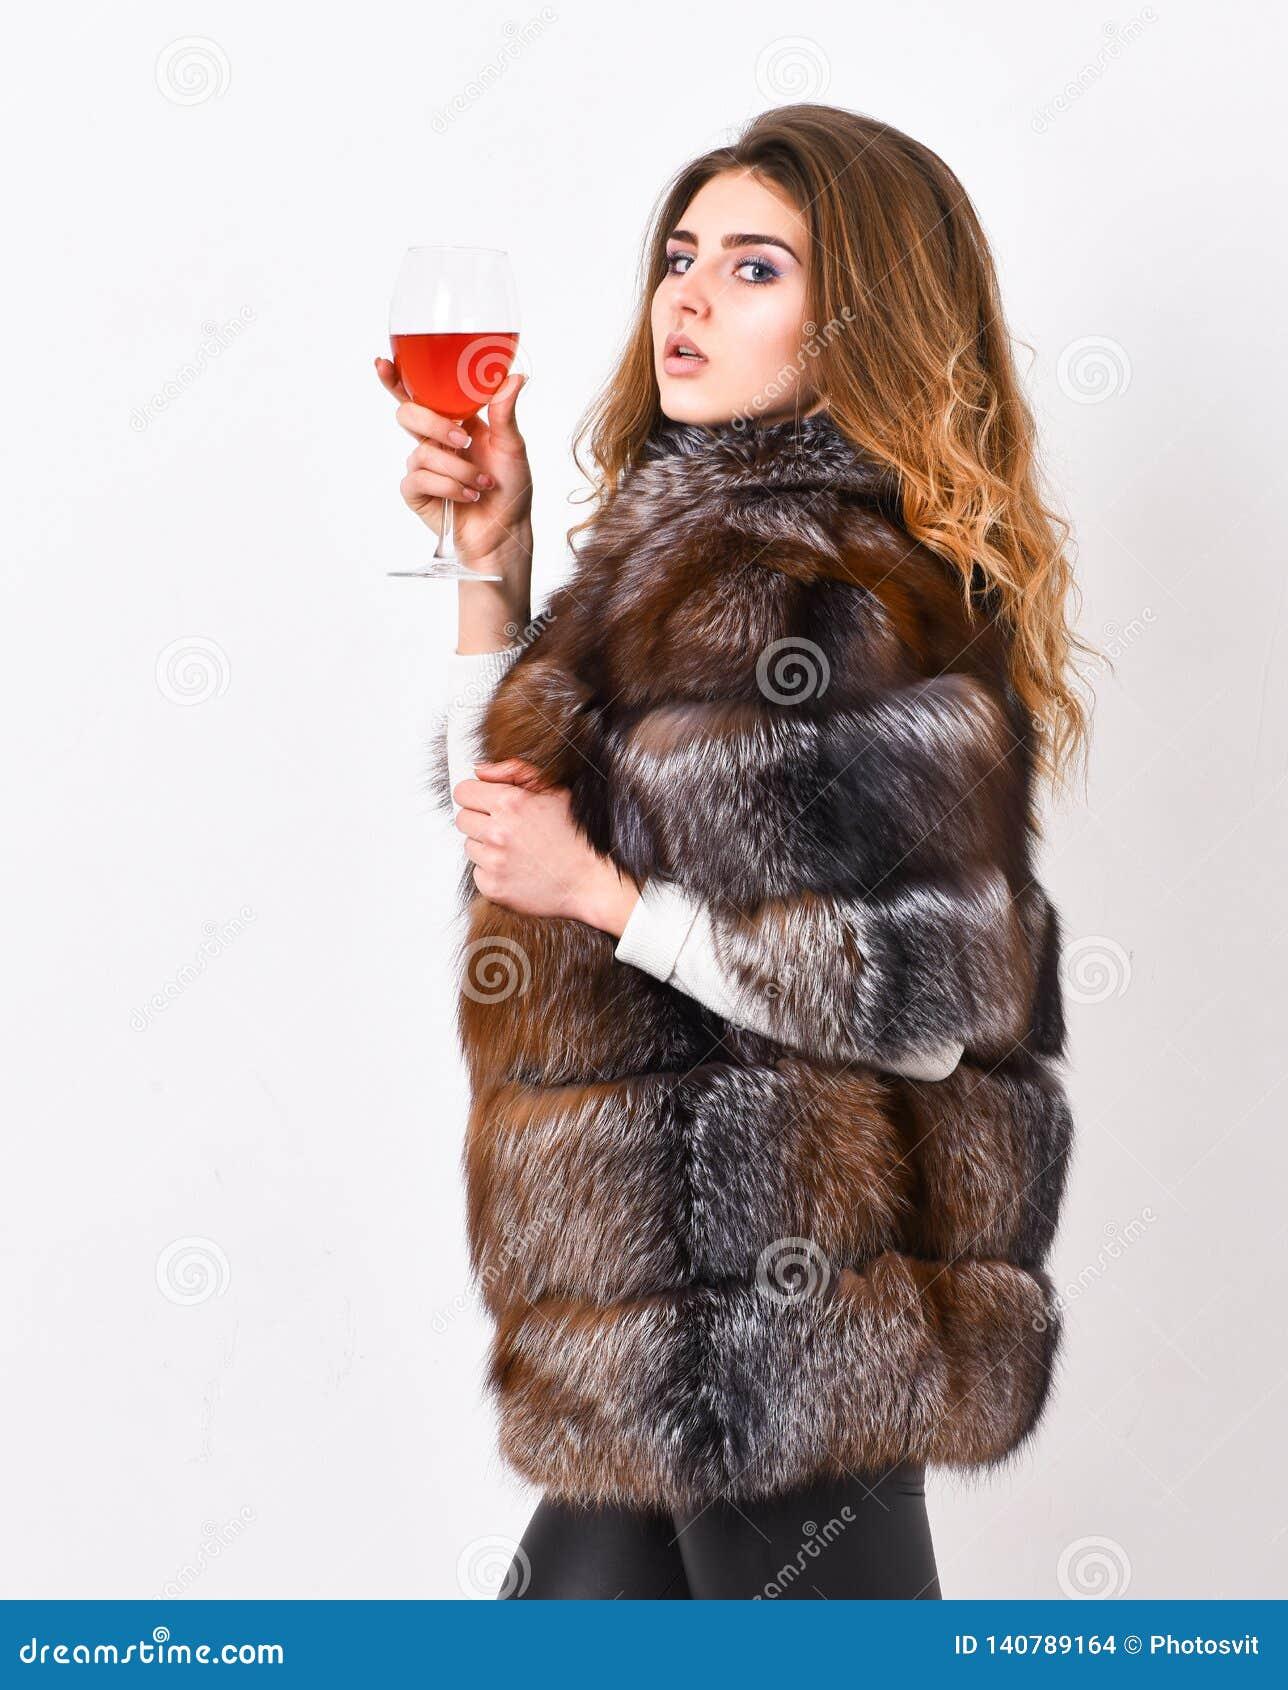 Стиль причесок фотомодели дамы курчавый насладиться вином элиты Концепция культуры вина вино питья женщины Носка макияжа моды дев